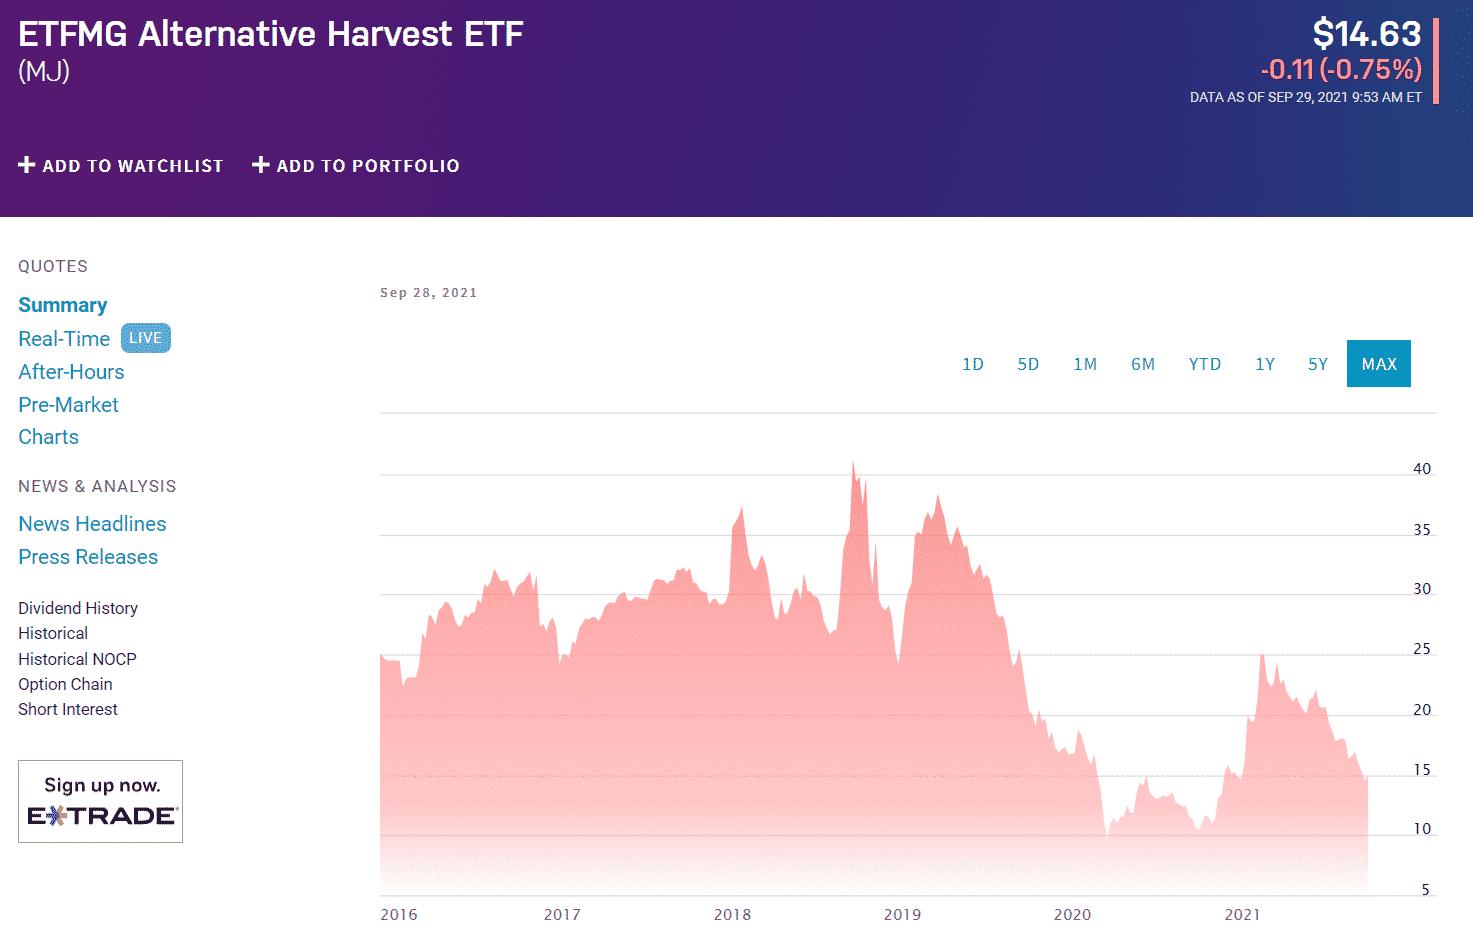 ETFMG Alternative Harvest ETF (MJ)